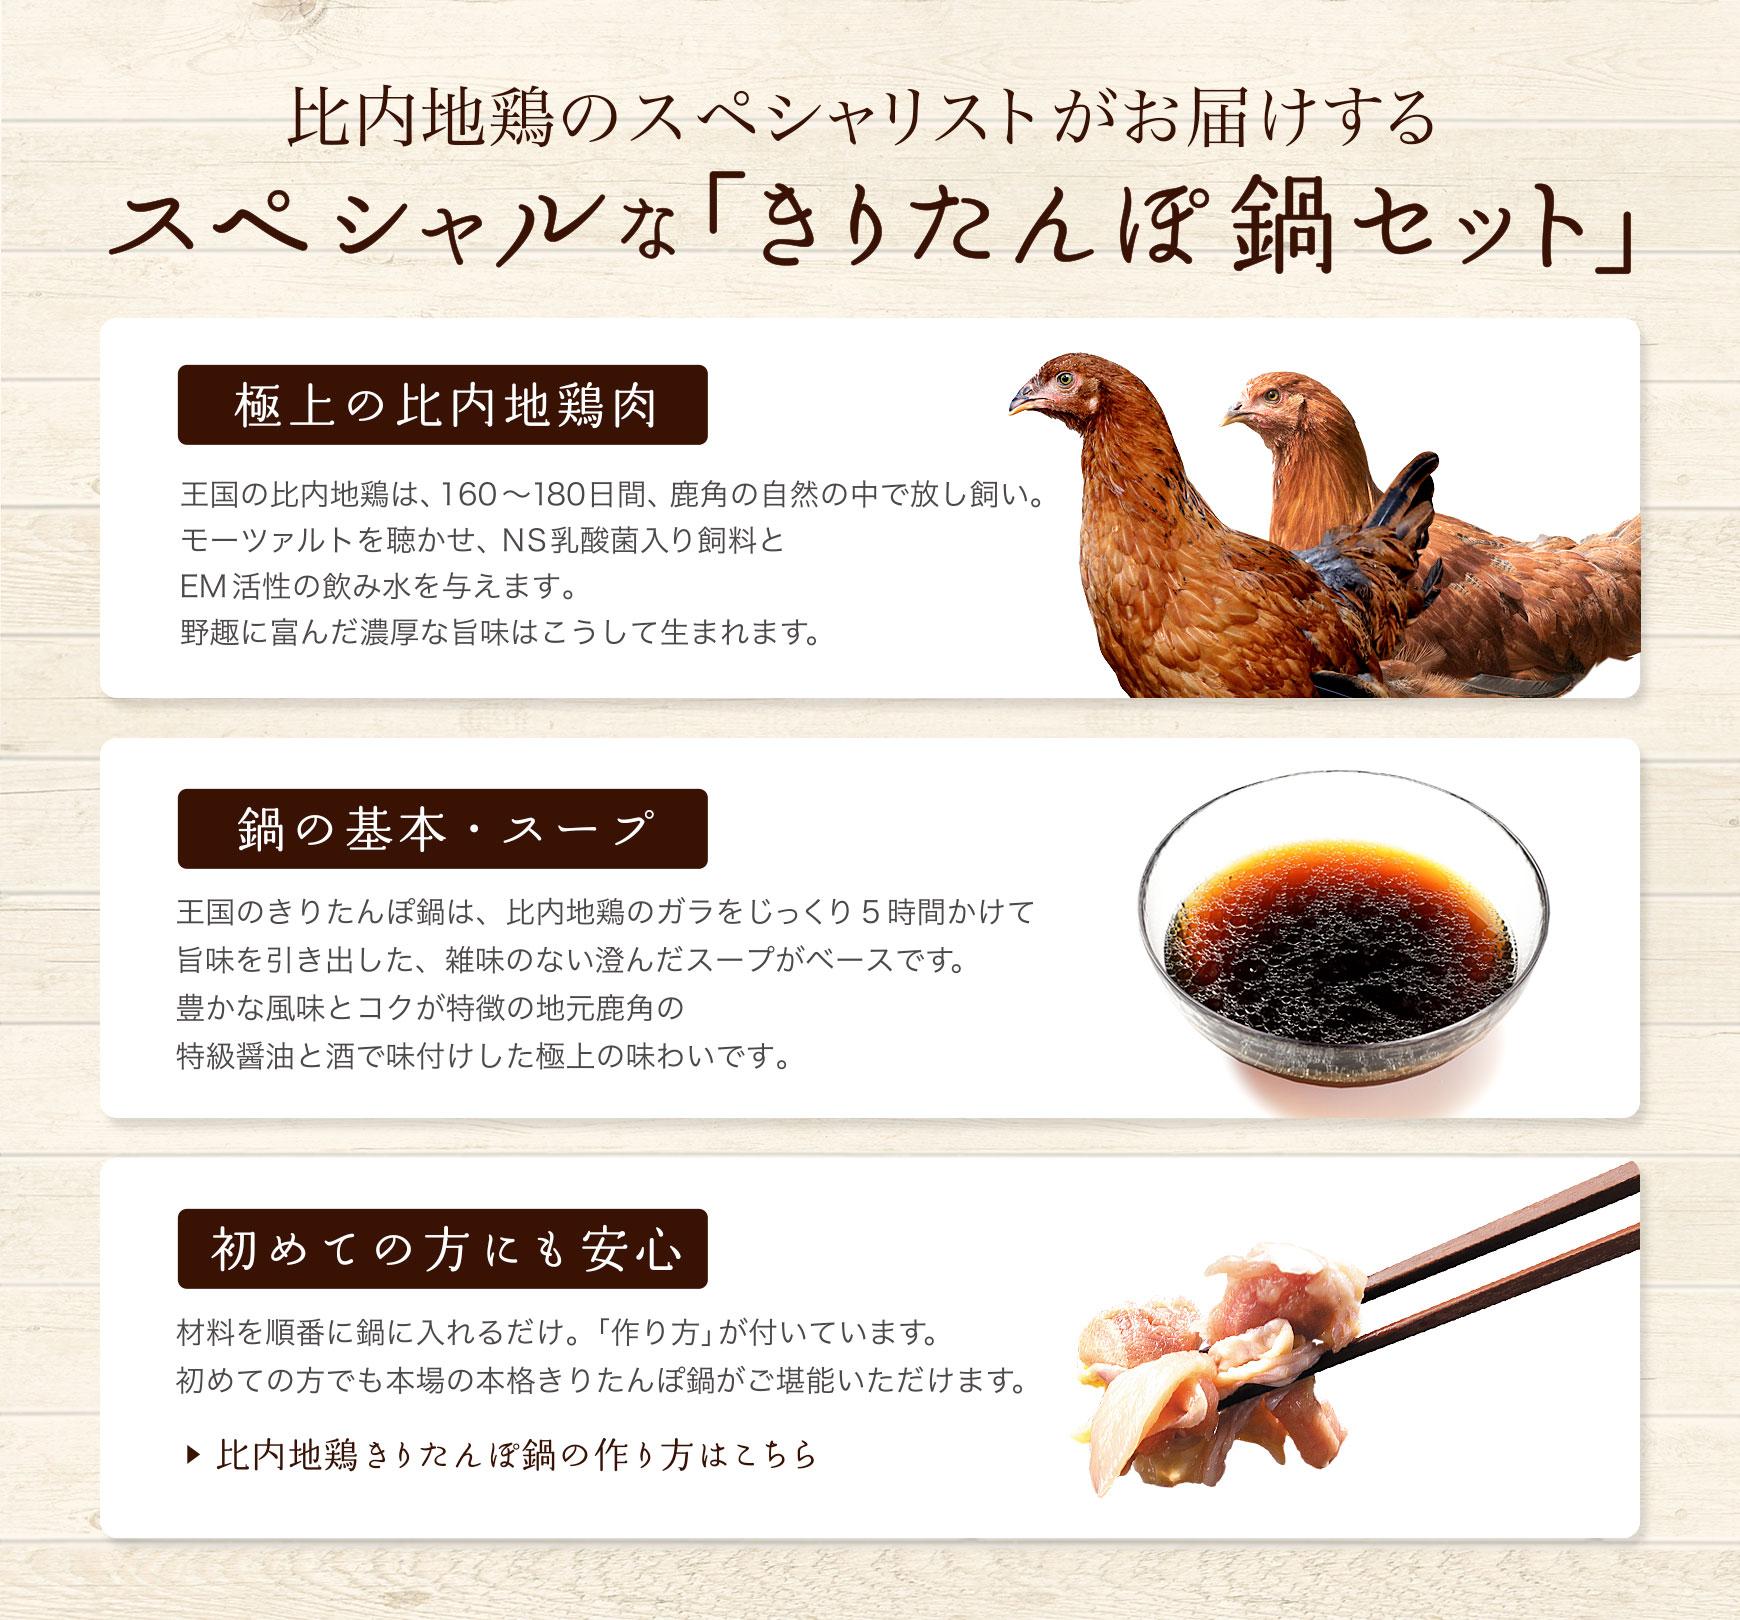 比内地鶏のスペシャリストがお届けするスペシャルなきりたんぽ鍋